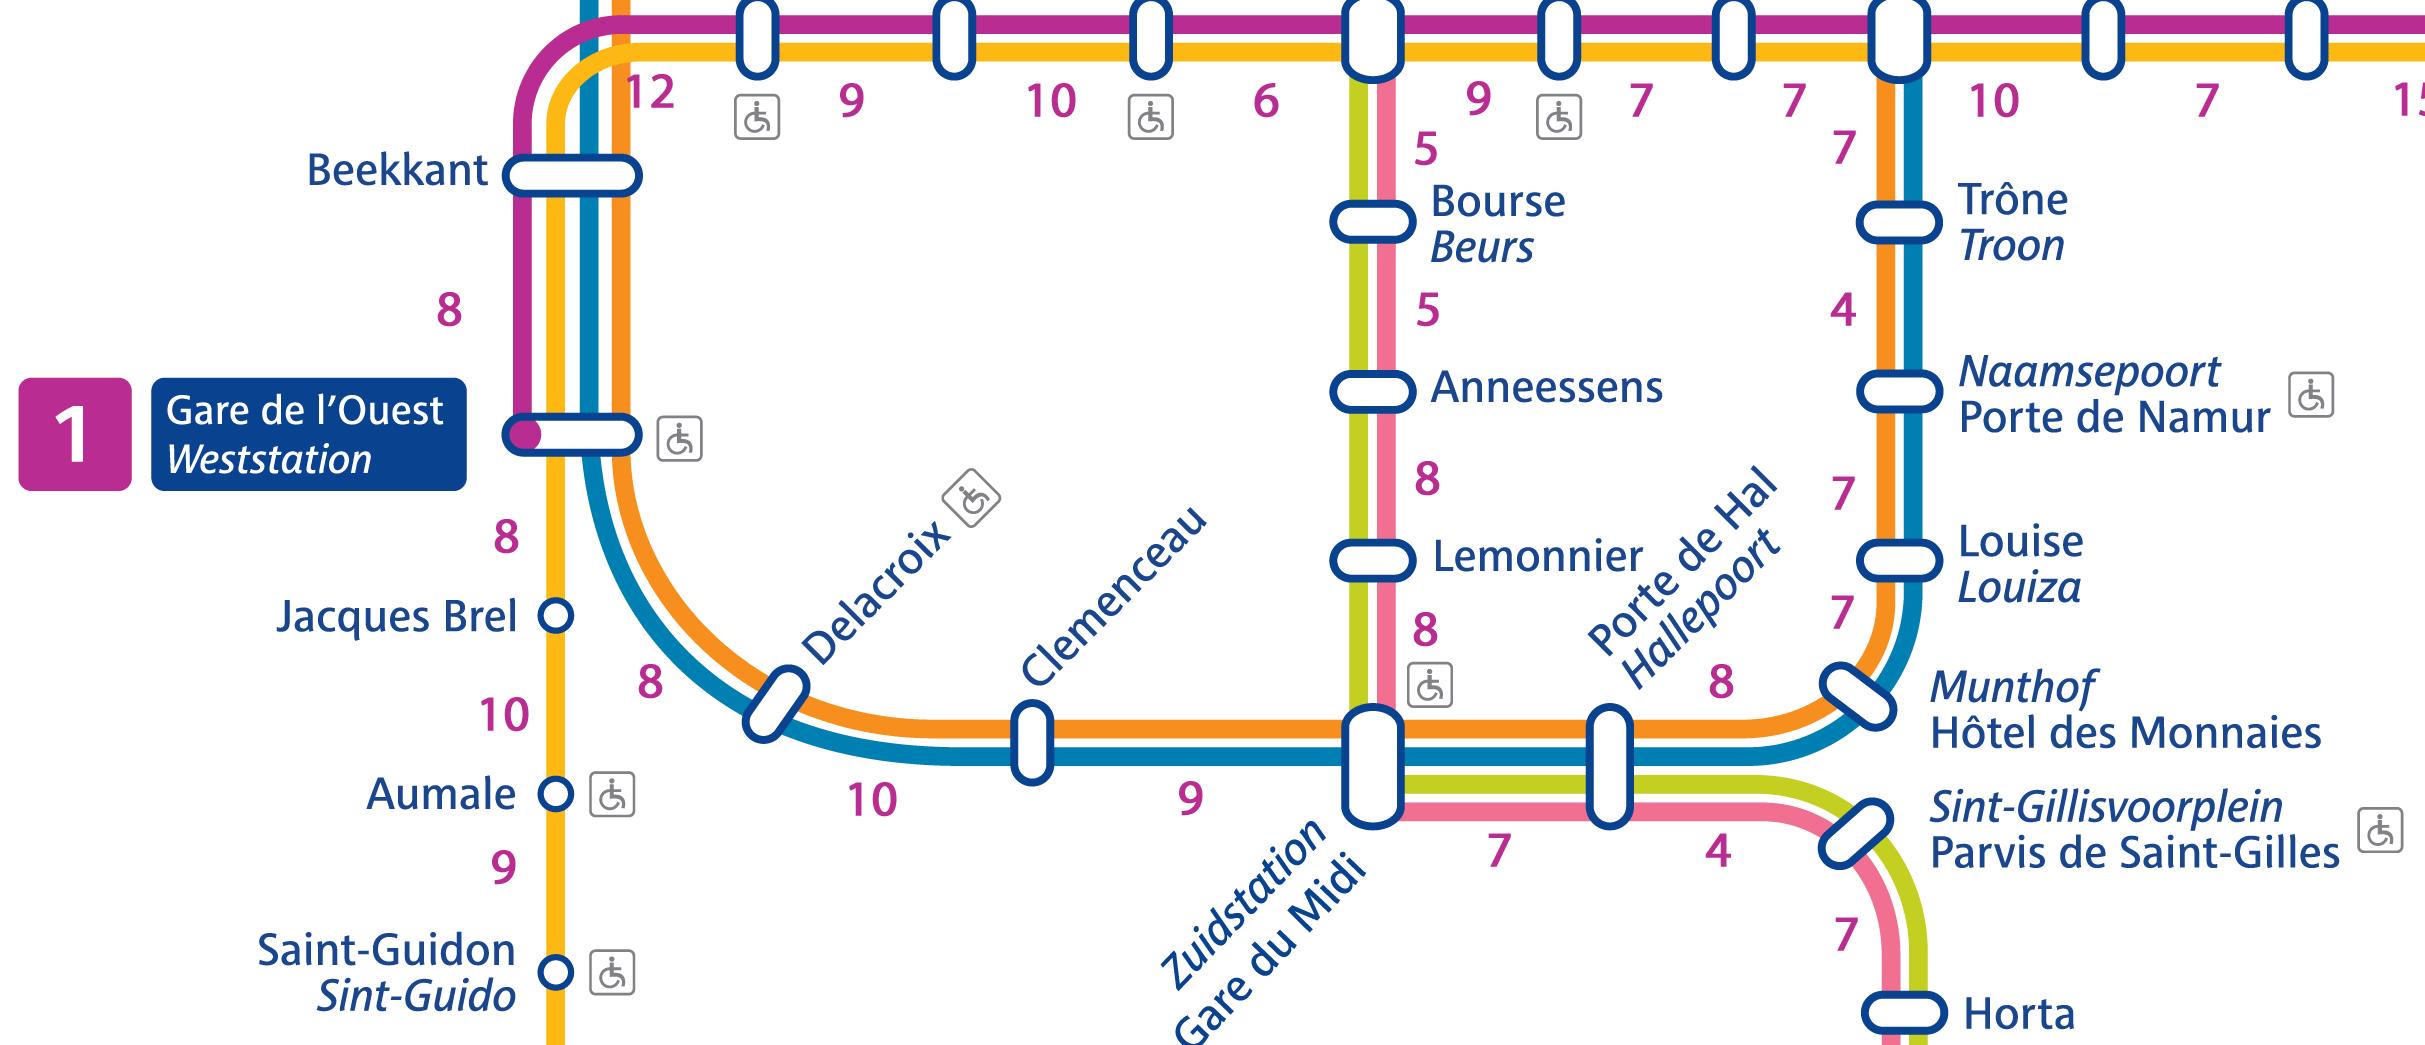 De kaart van de Brusselse metro, met wandeltijden